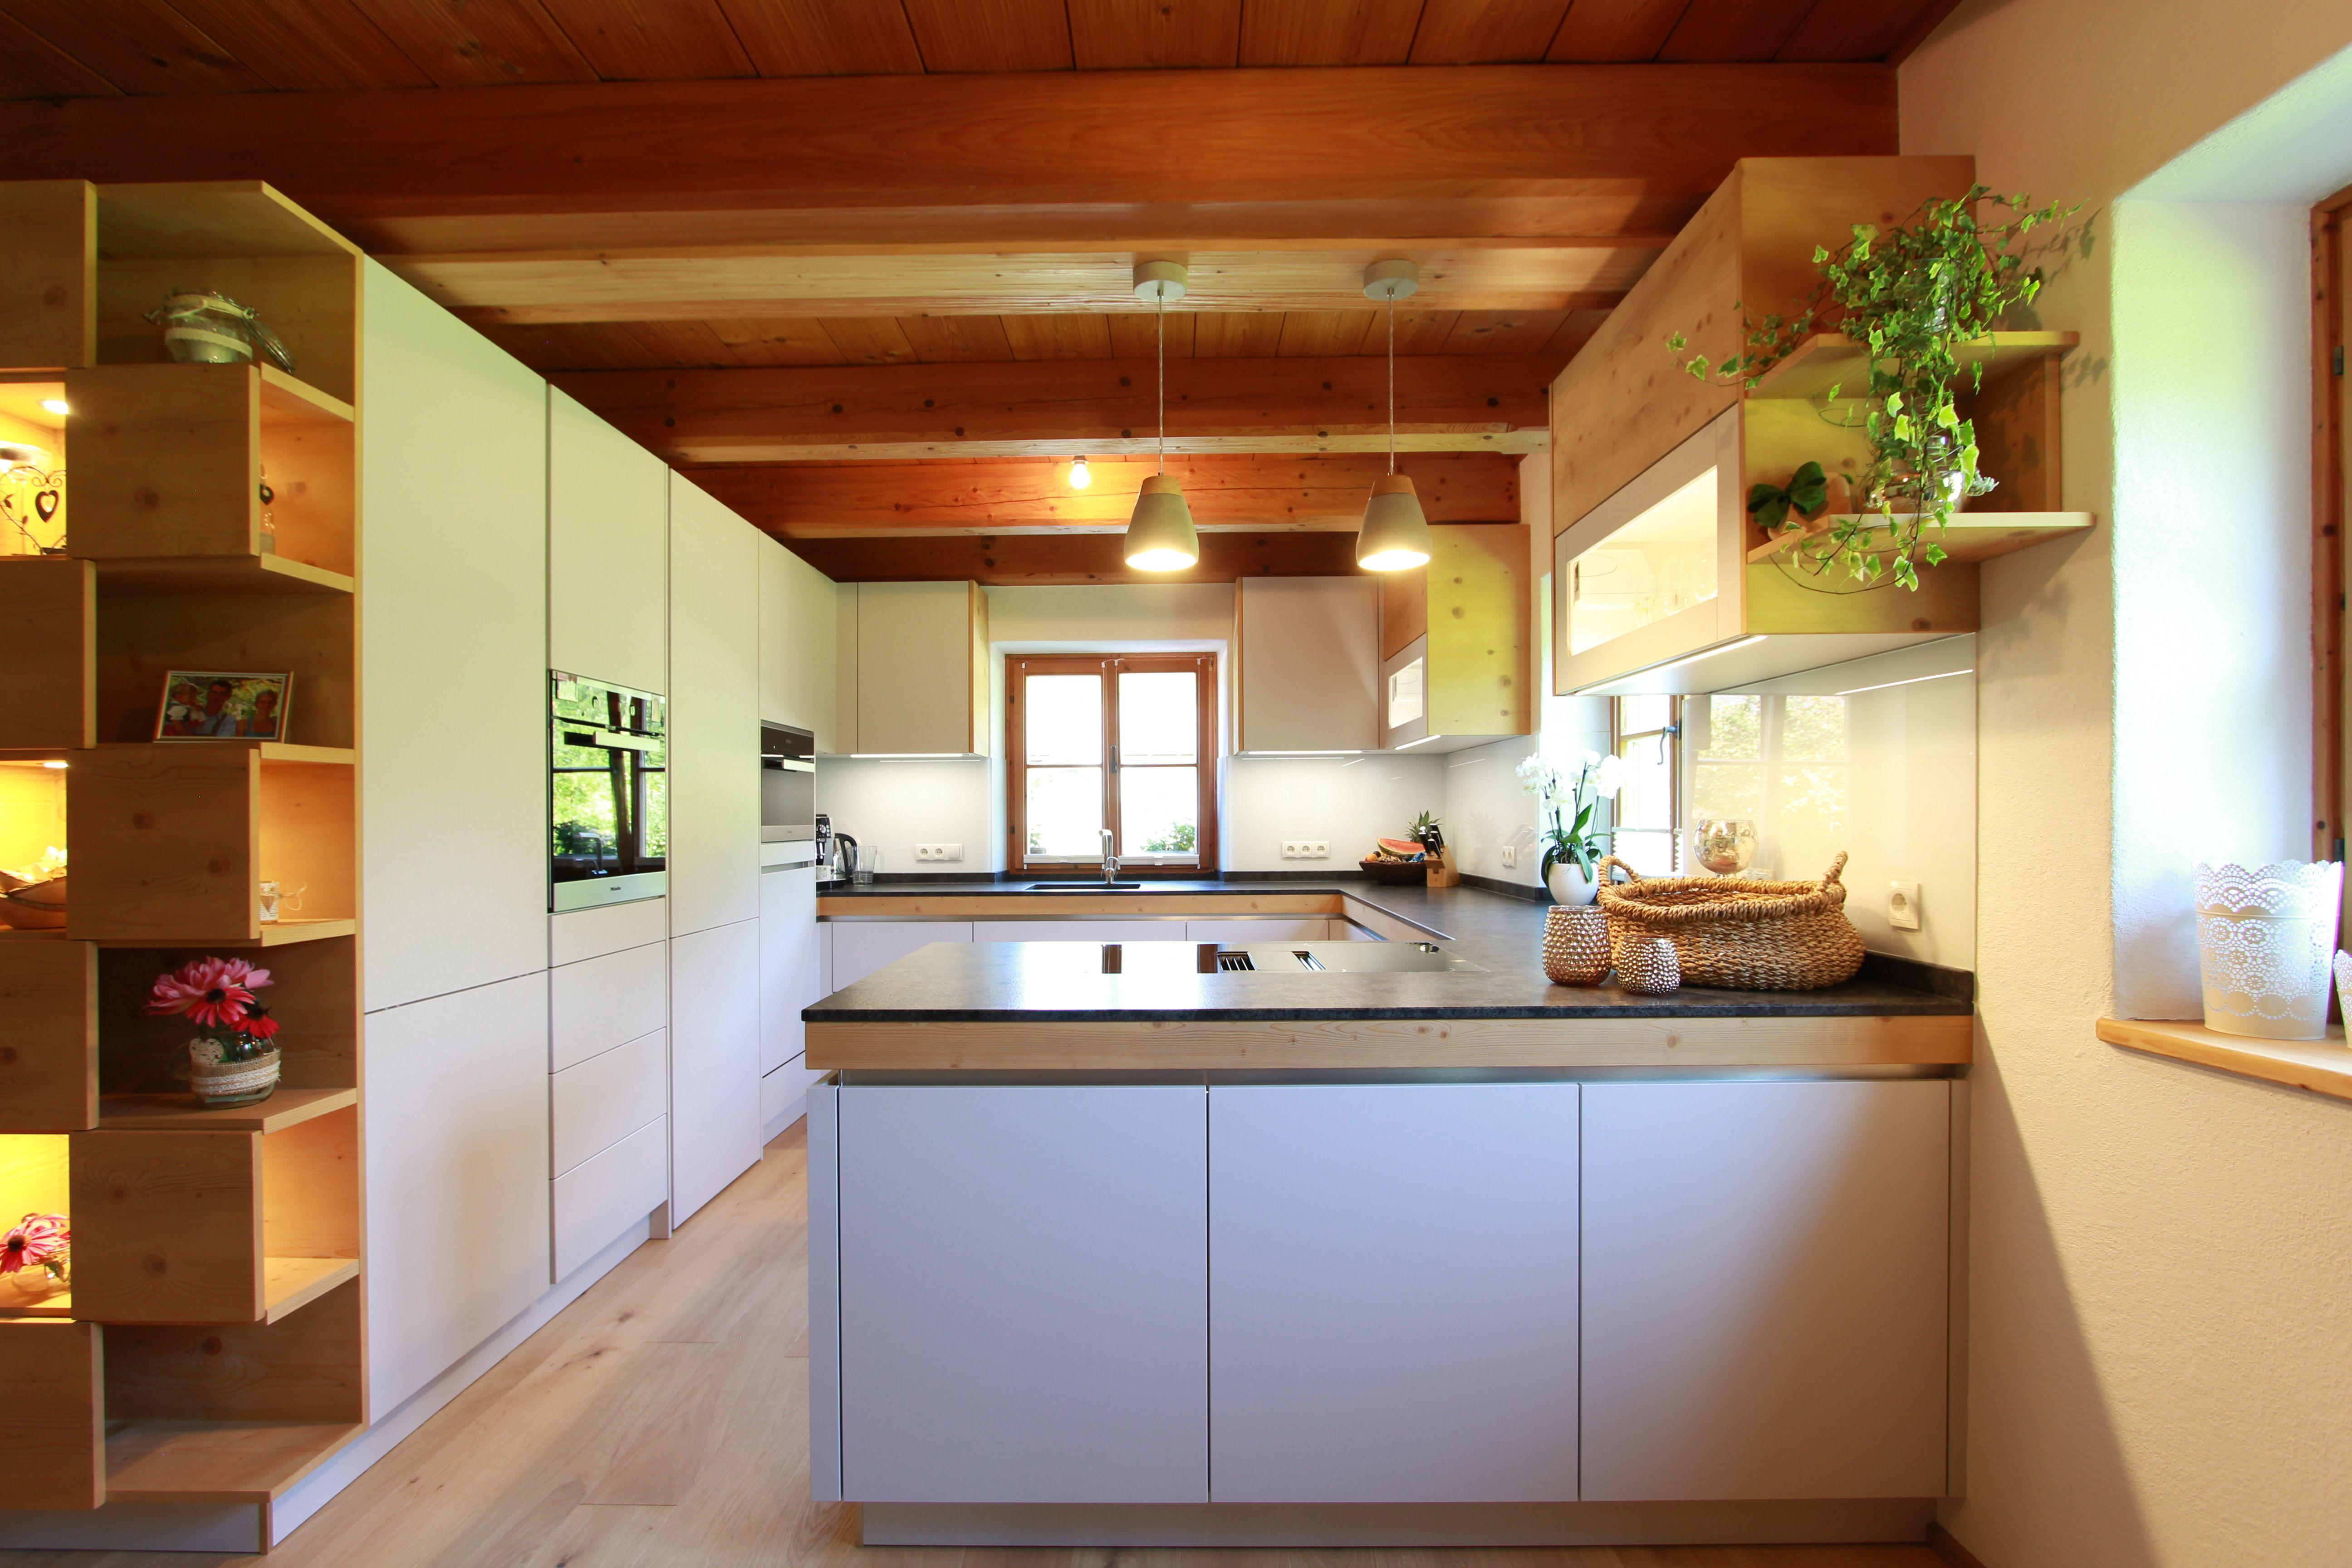 Moderne Kuche Mit Holz Moderne Kuche Innenarchitektur Kuche Kuche